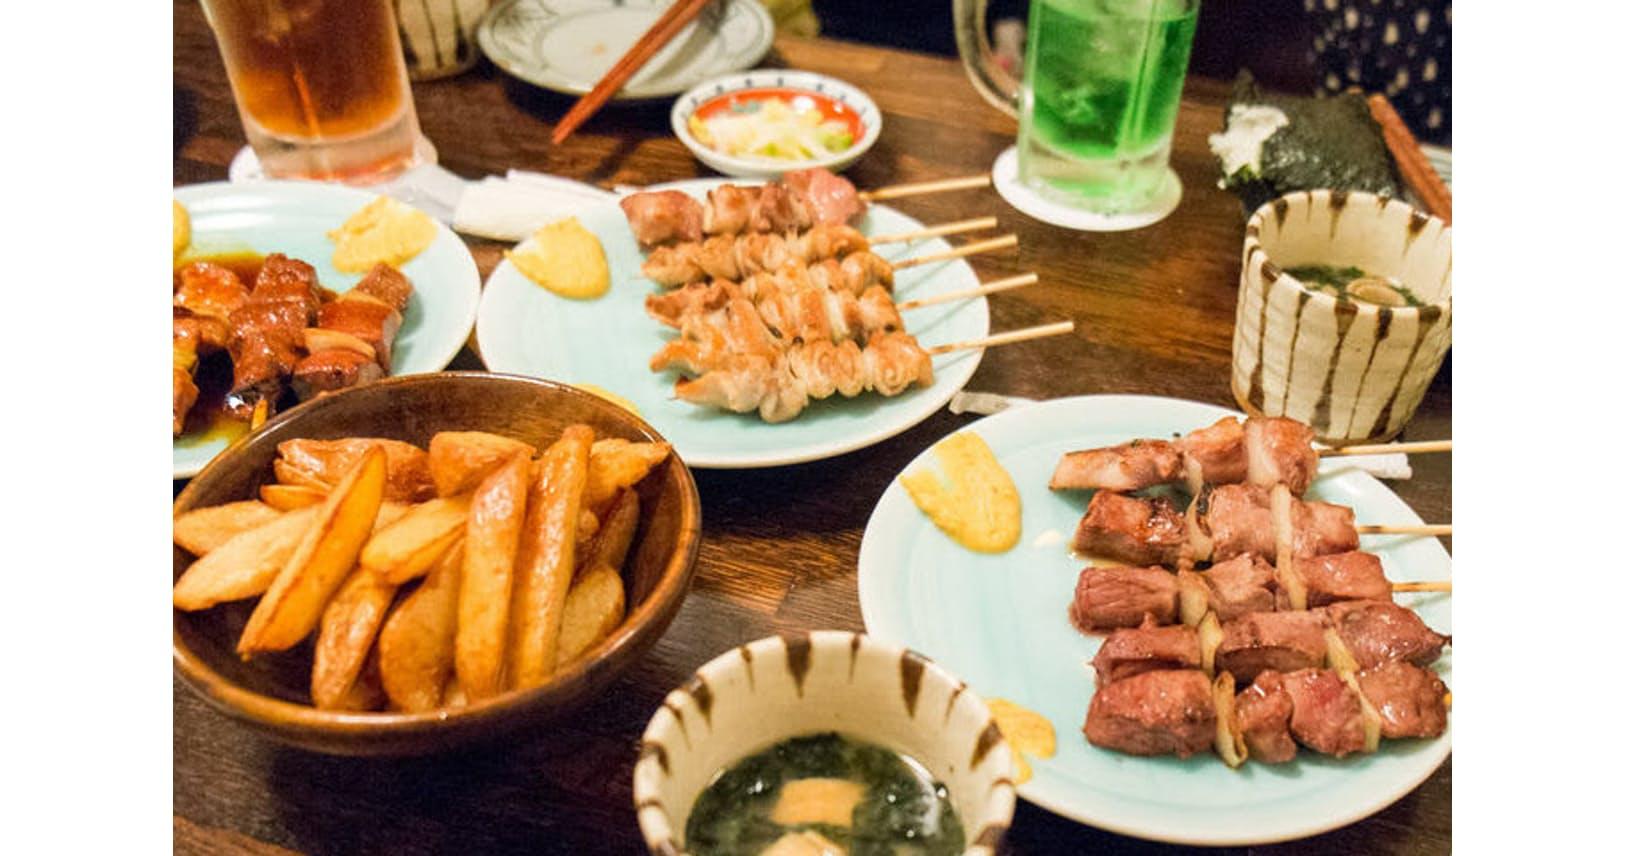 食後の血糖値どれが一番低い?ビール・日本酒・芋焼酎 ヘルスUP NIKKEI STYLE